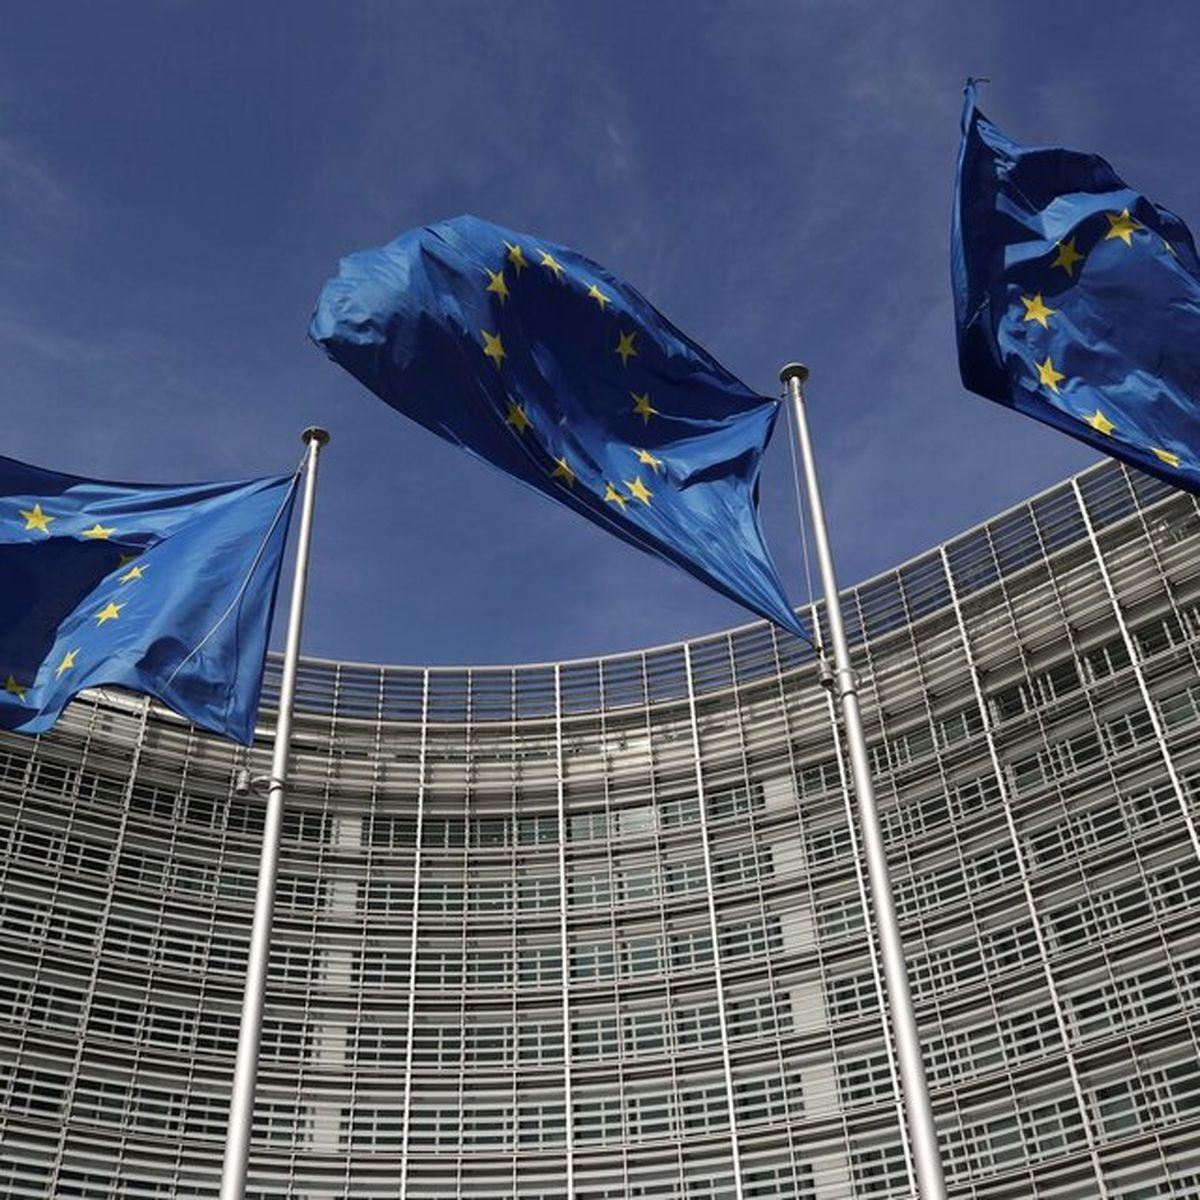 اتحادیه اروپا: روسیه قصد الحاق بخش هایی از شرق اوکراین را دارد